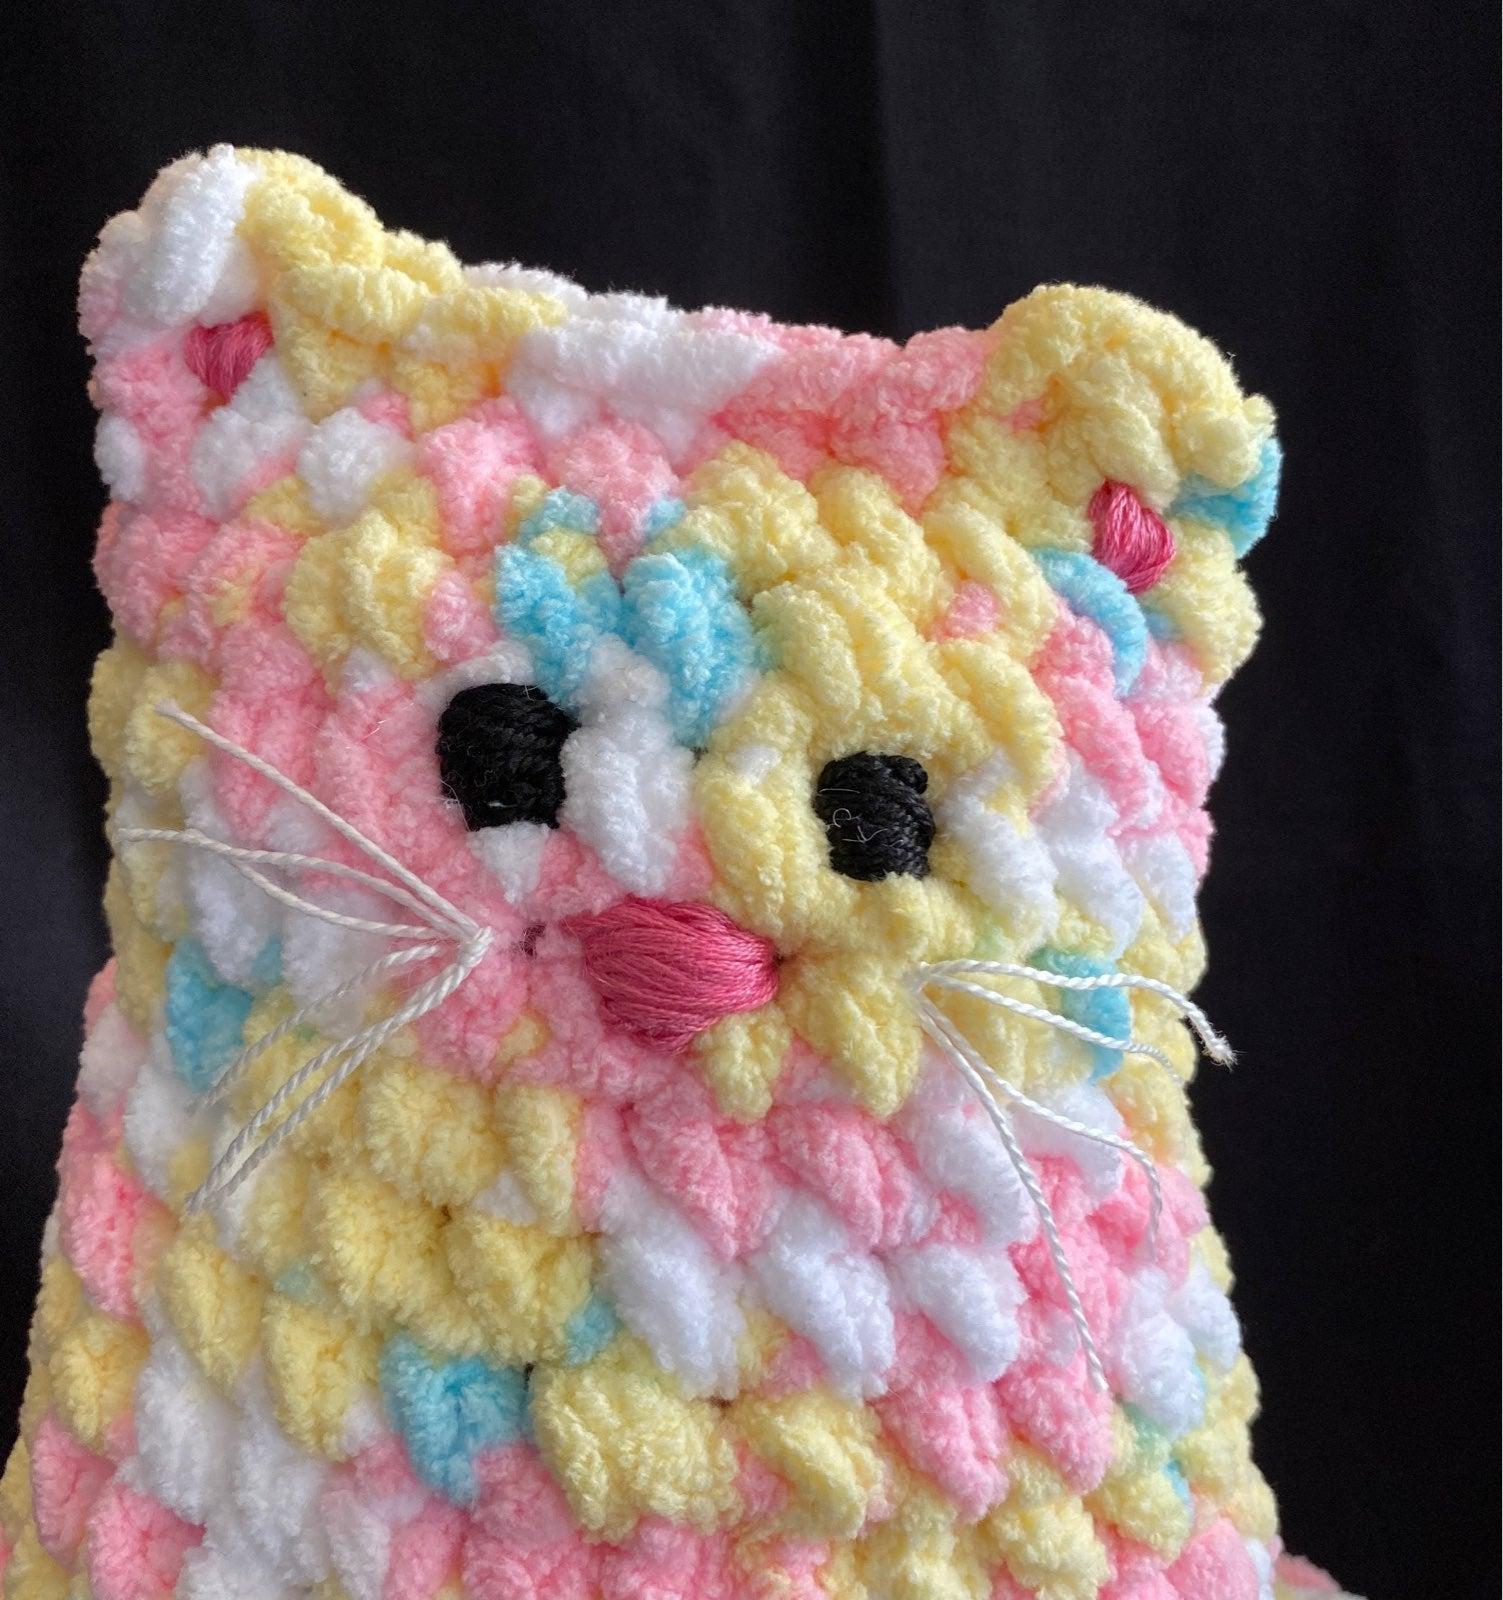 Handmade crocheted plush kitty